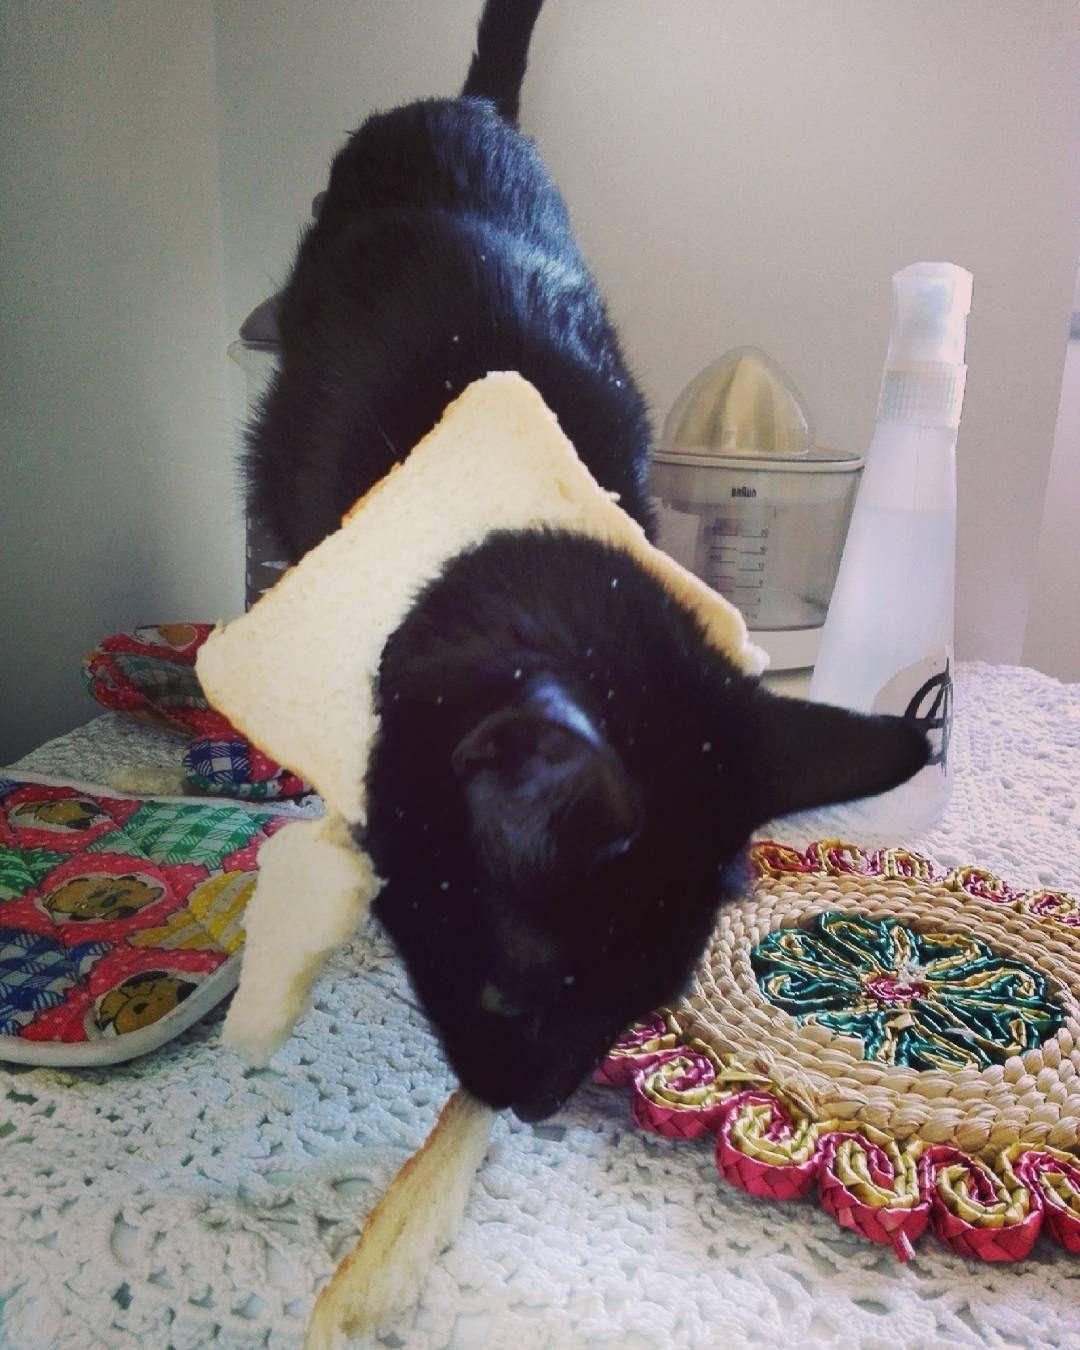 Estoy siguiendo la dieta de alf gato en pan lactal.